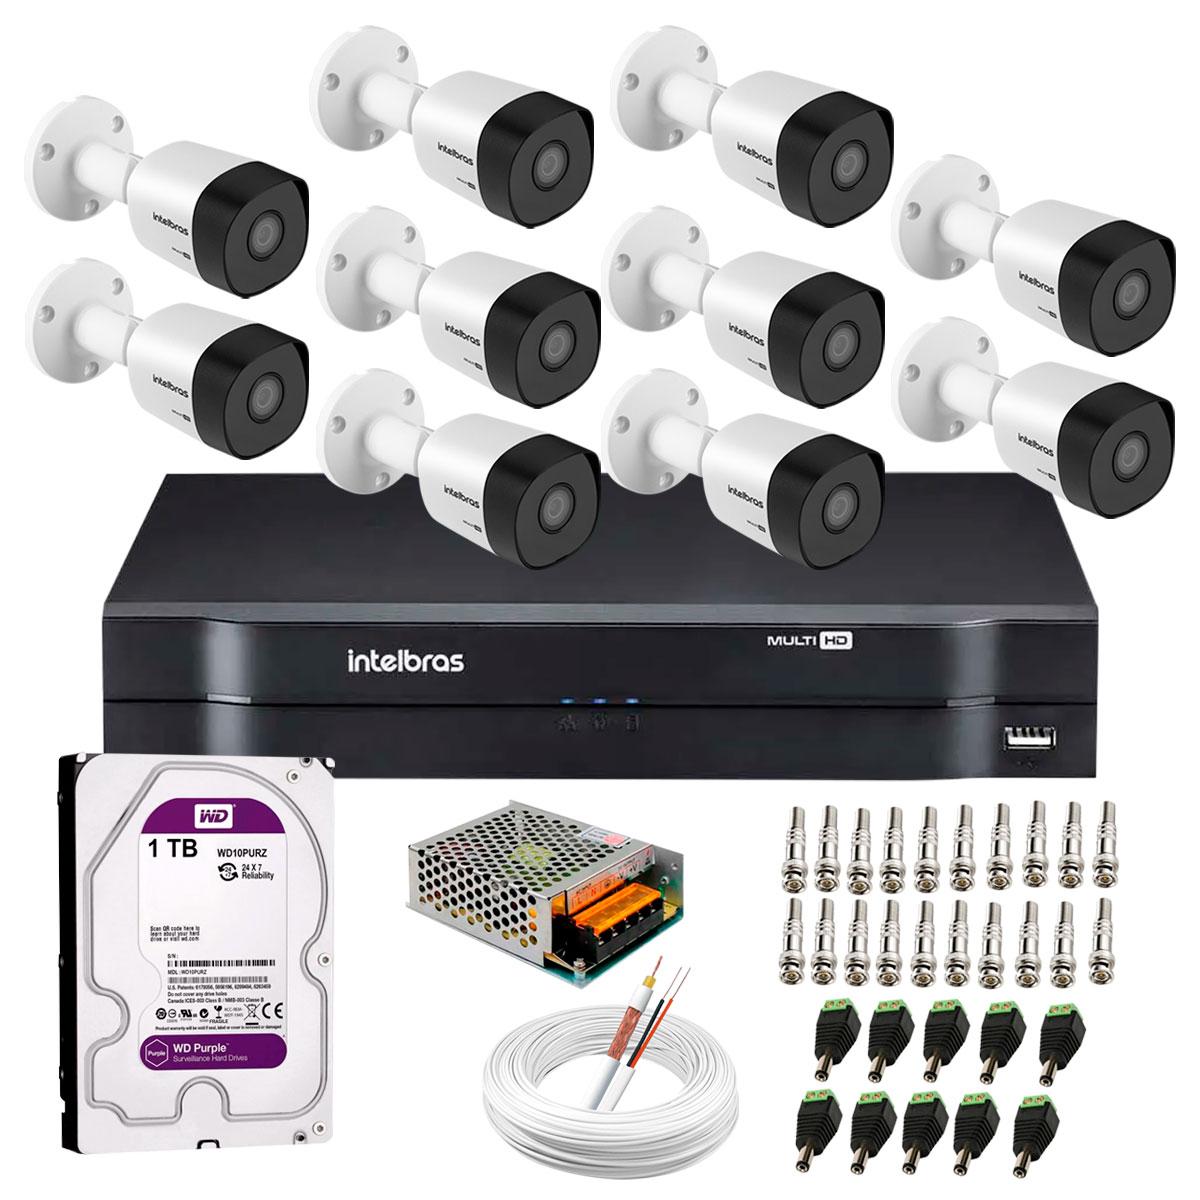 kit-10-cameras-vhd-3130-b-g6-dvr-intelbras-hd-1tb-para-armazenamento-app-gratis-de-monitoramento-cameras-hd-720p-30m-infravermelho-de-visao-noturna-intelbras-fonte-cabos-e-acessorios